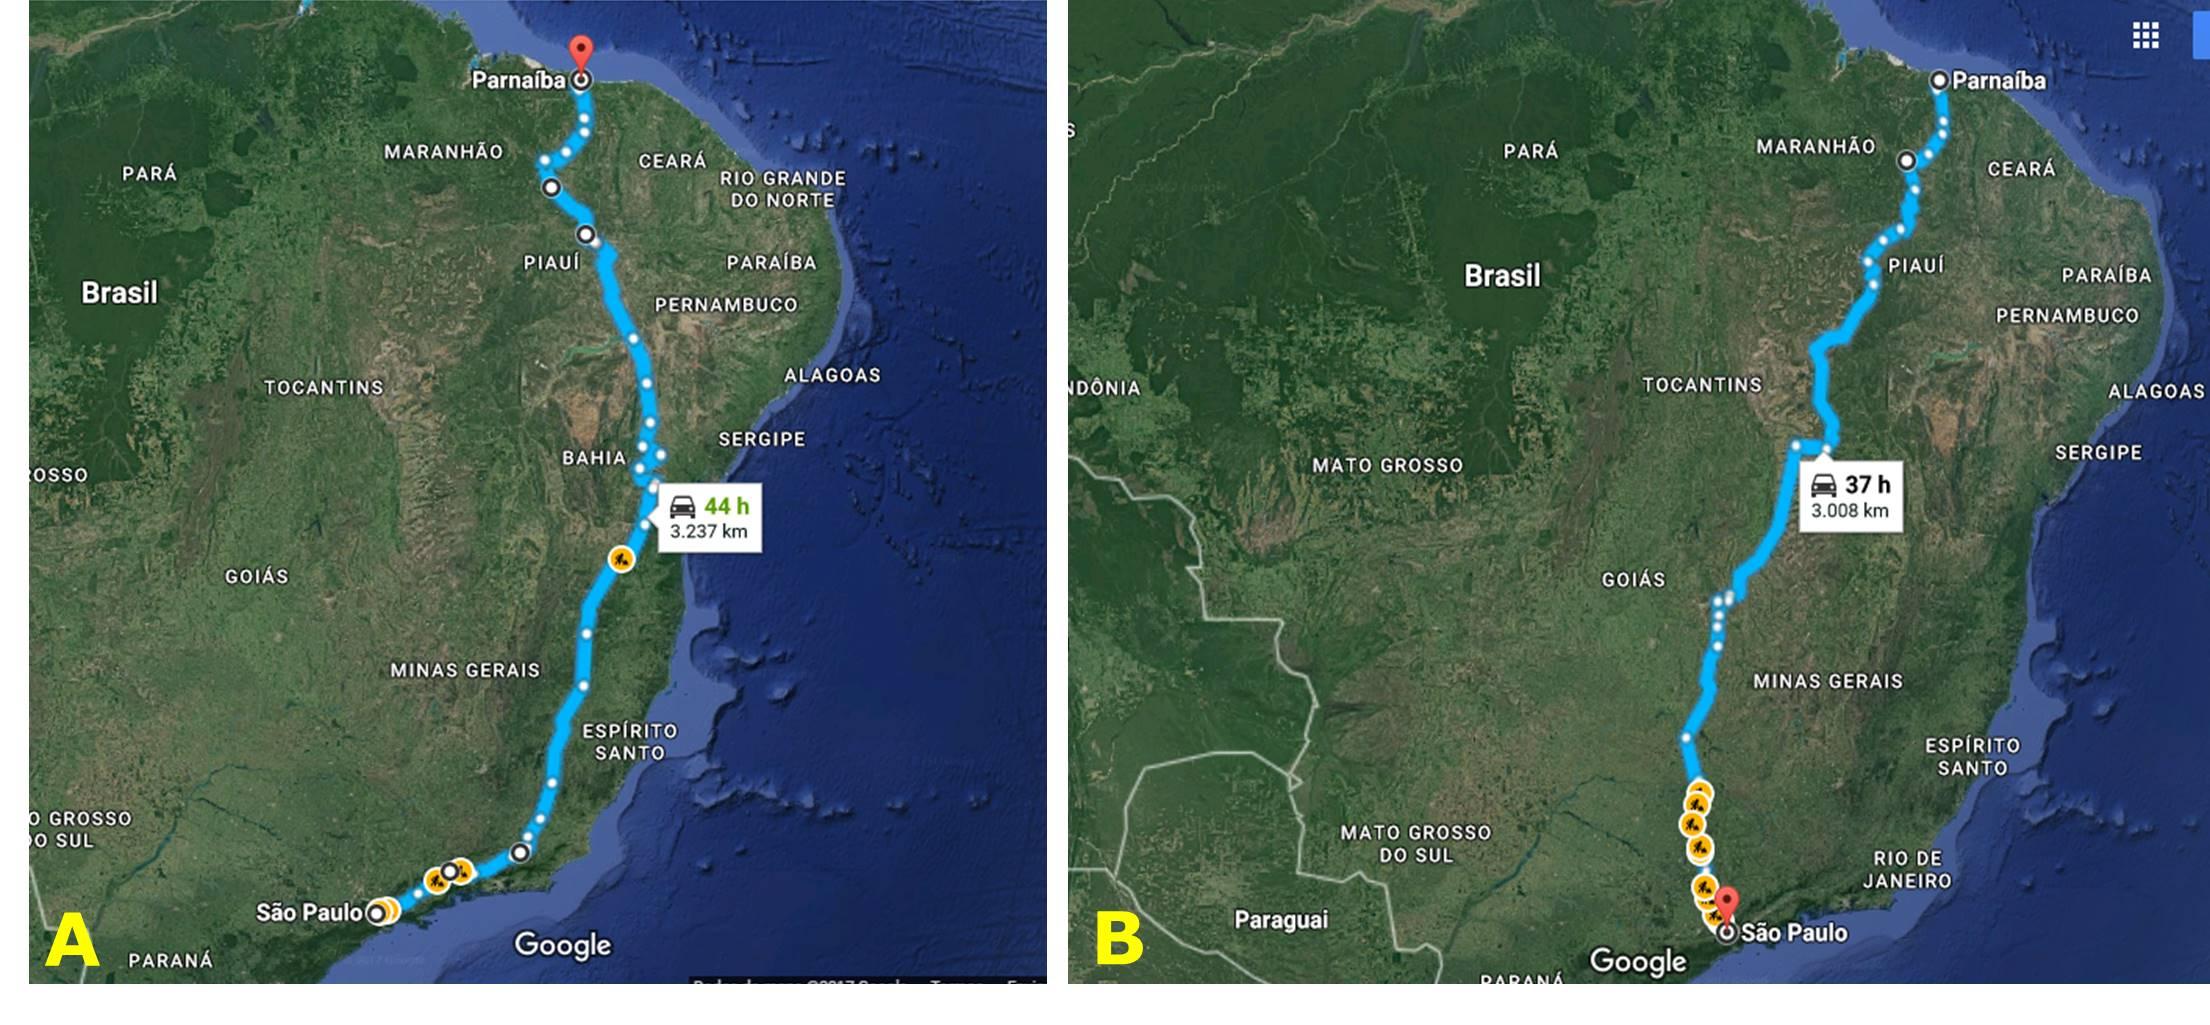 """Figura 1 – Percurso de ida (A) e volta (B) ao longo de mais uma viagem da série """"Viajando com a Fitogeografia"""" do portal eFlora"""